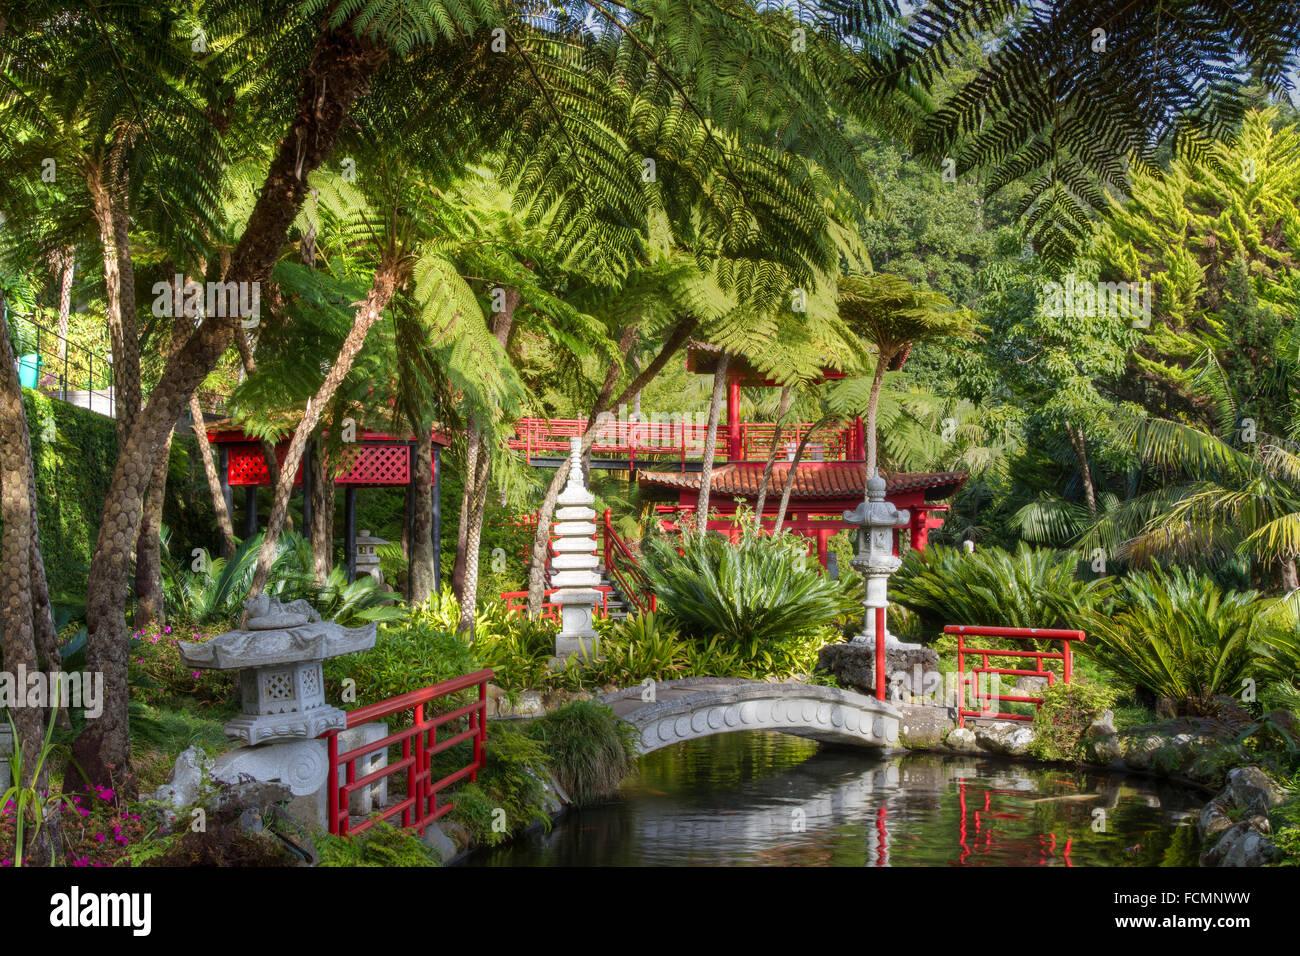 Tropical japanischer Garten in Monte, Madeira, Portugal Stockbild